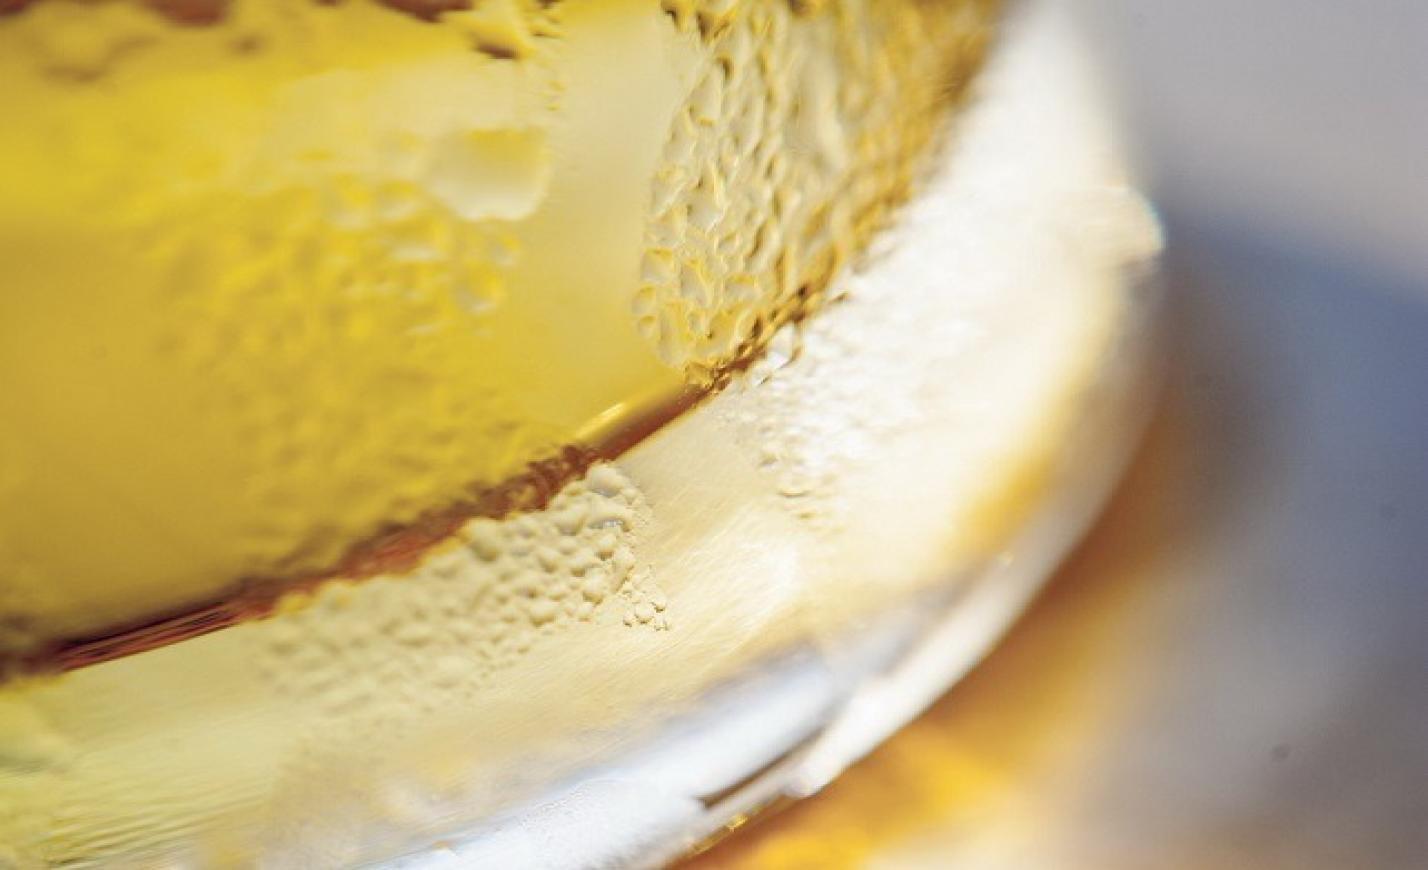 Sörszövetség: jelentősen esett a sörfogyasztás a második negyedévben